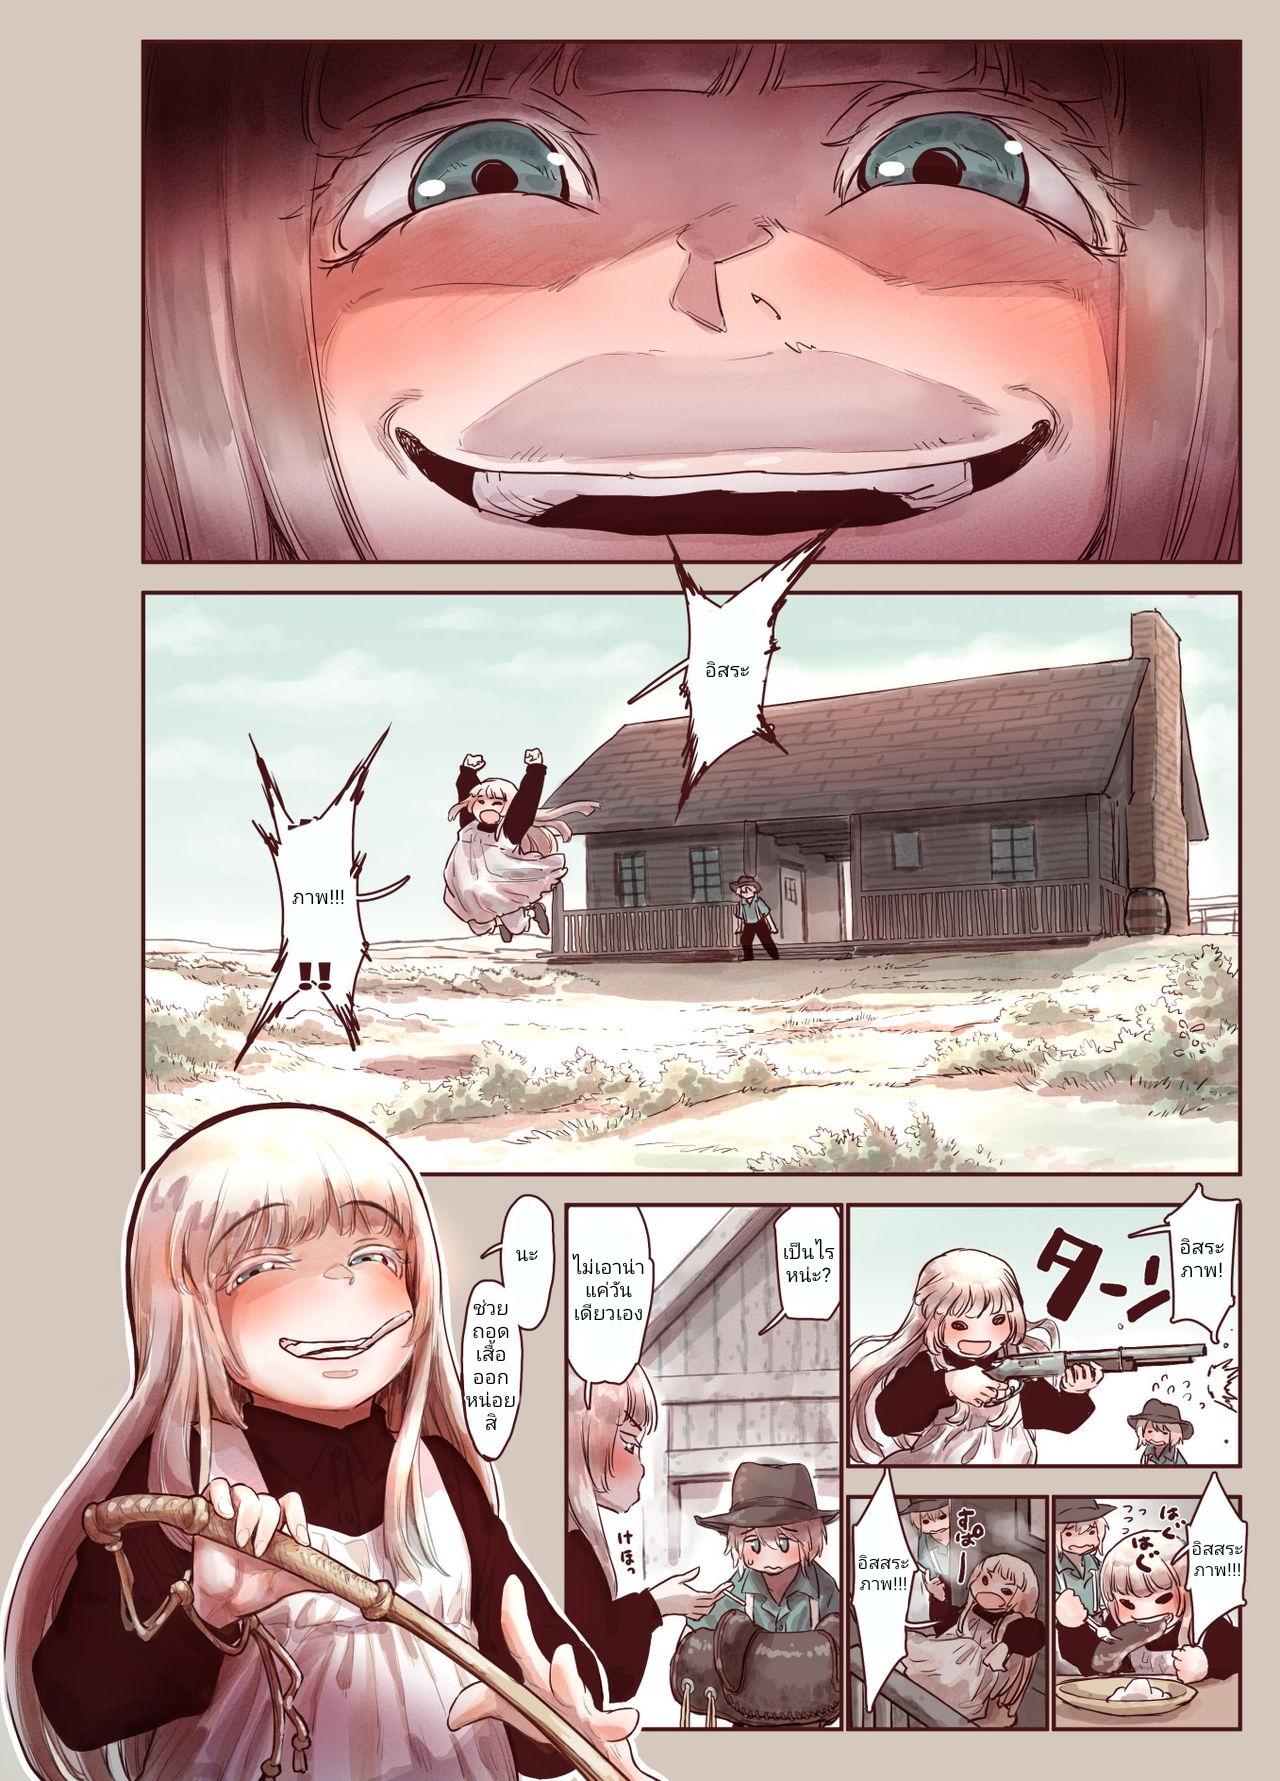 บาปและความลับ ภาพ 18